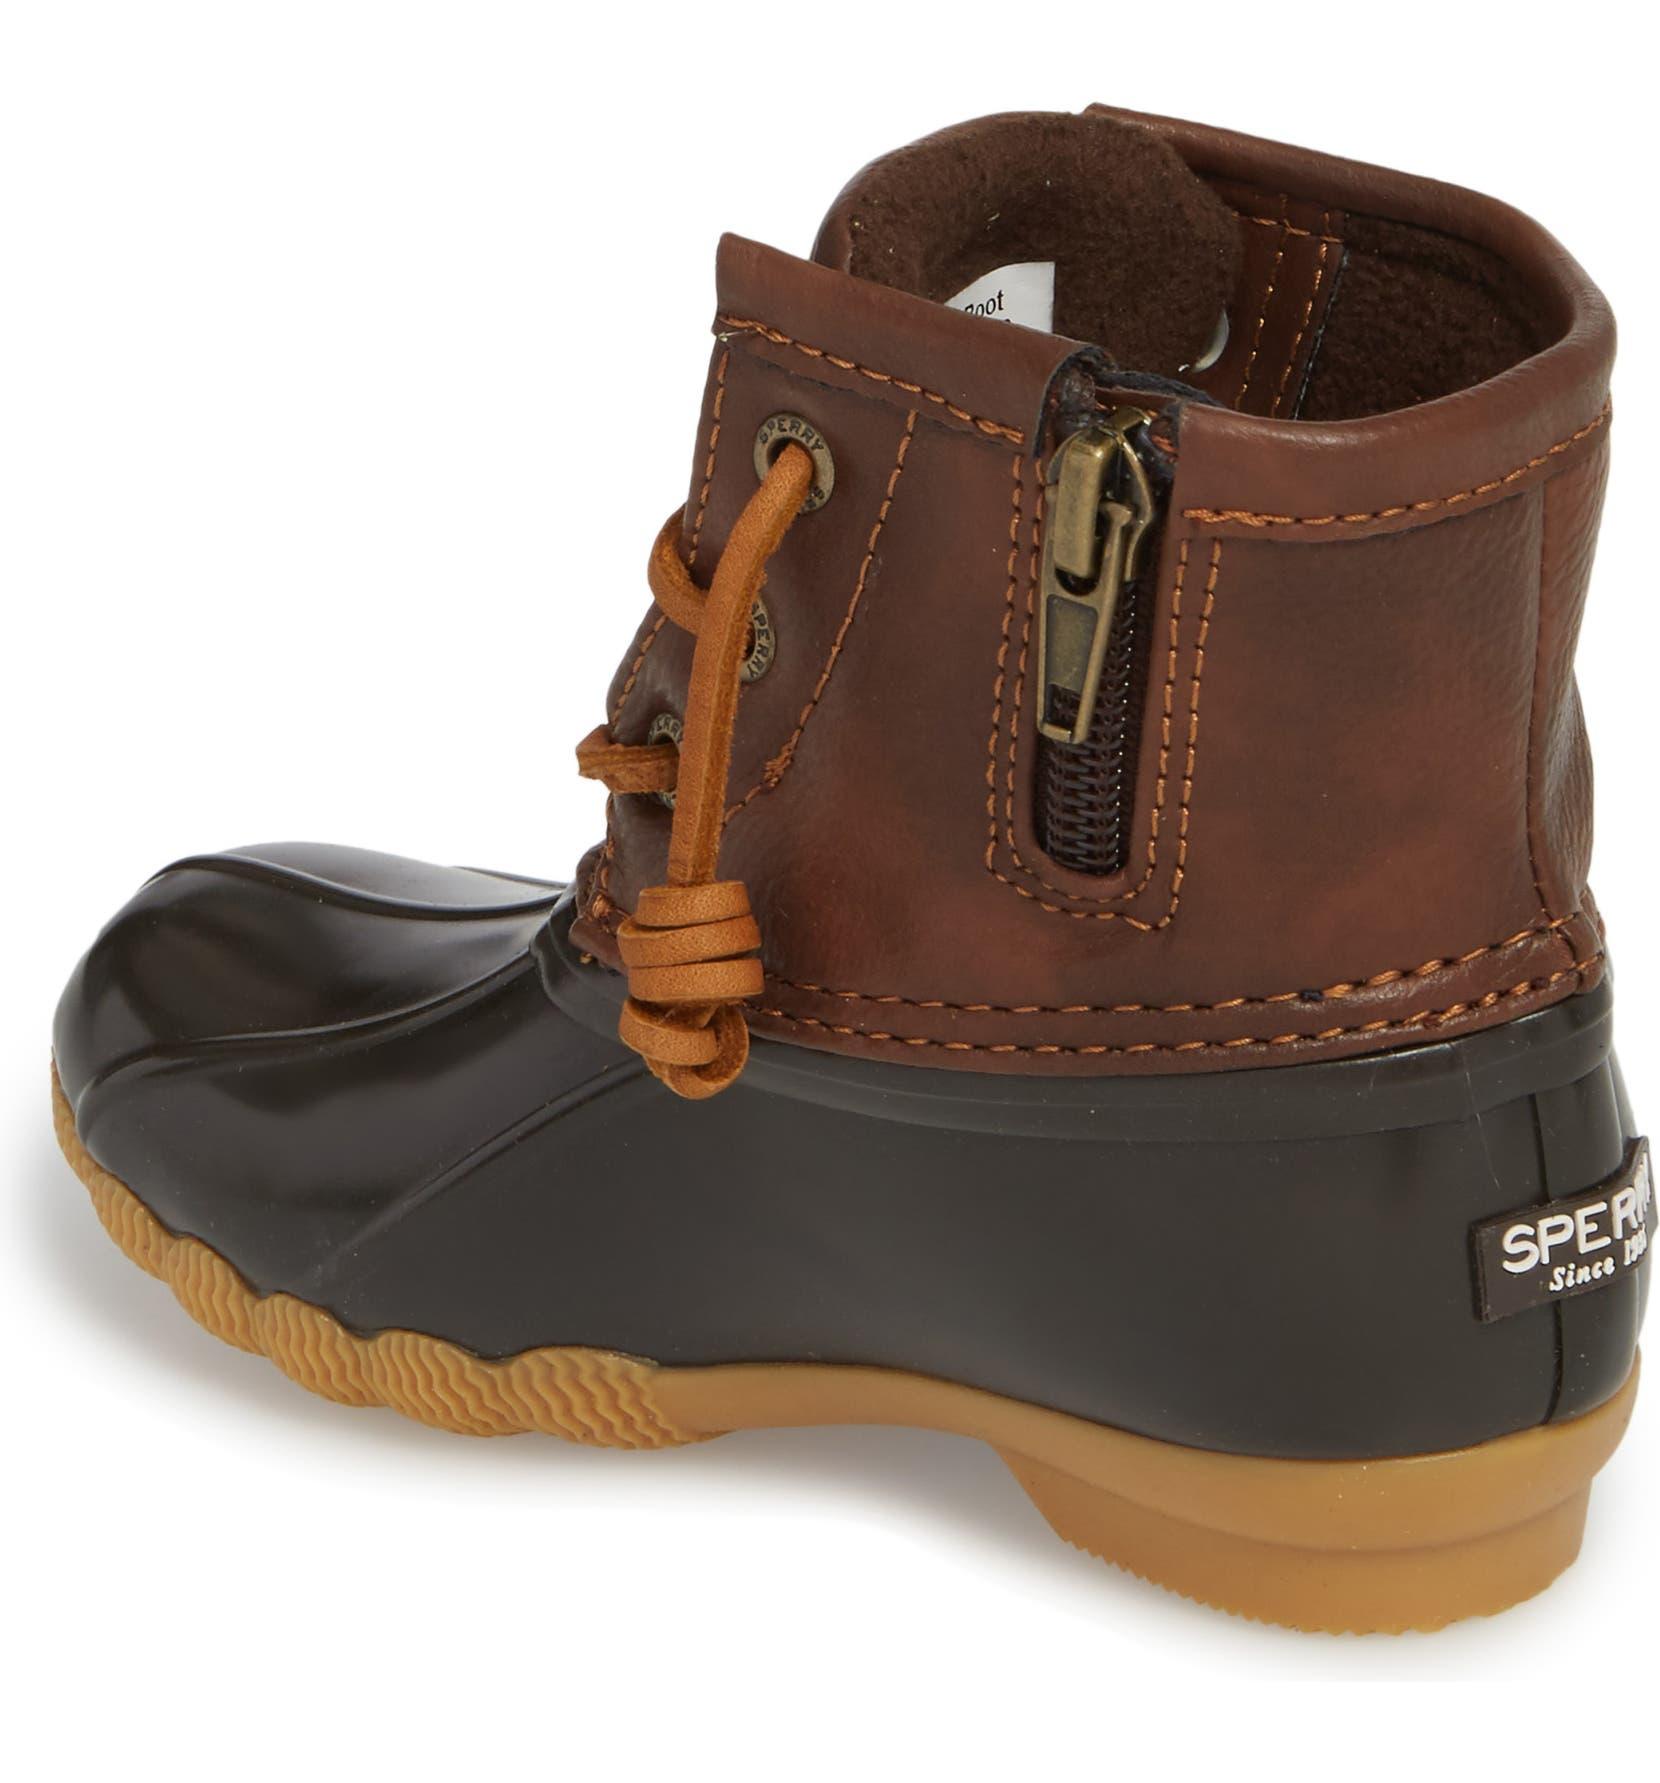 6f97c9be49 Sperry Kids Saltwater Duck Boot (Walker